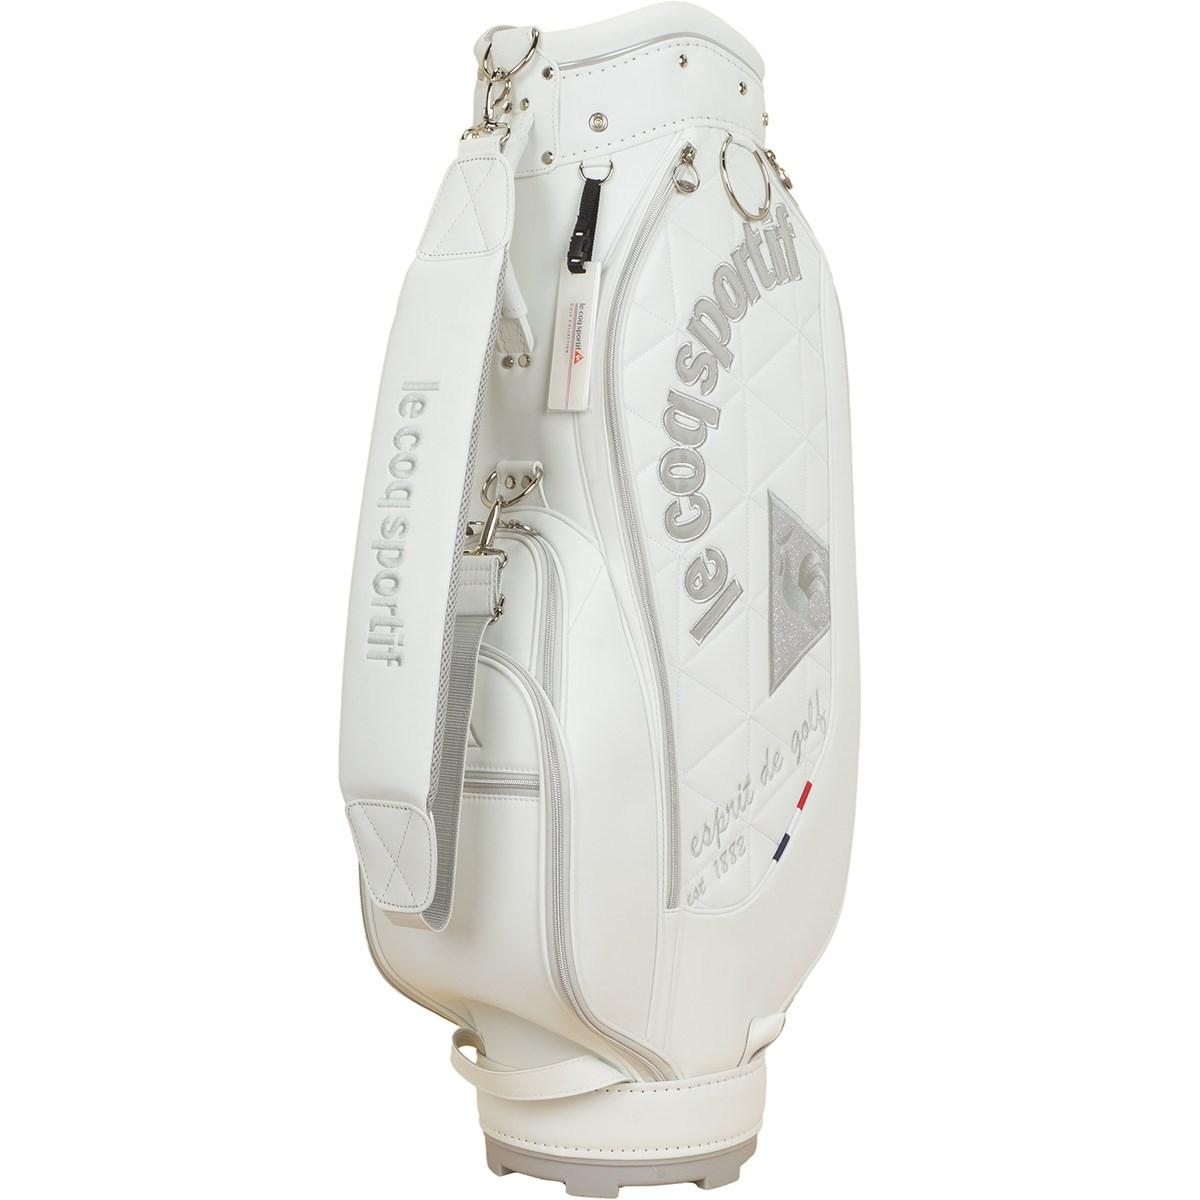 ルコックゴルフ Le coq sportif GOLF キャディバッグ ホワイト 00 レディス